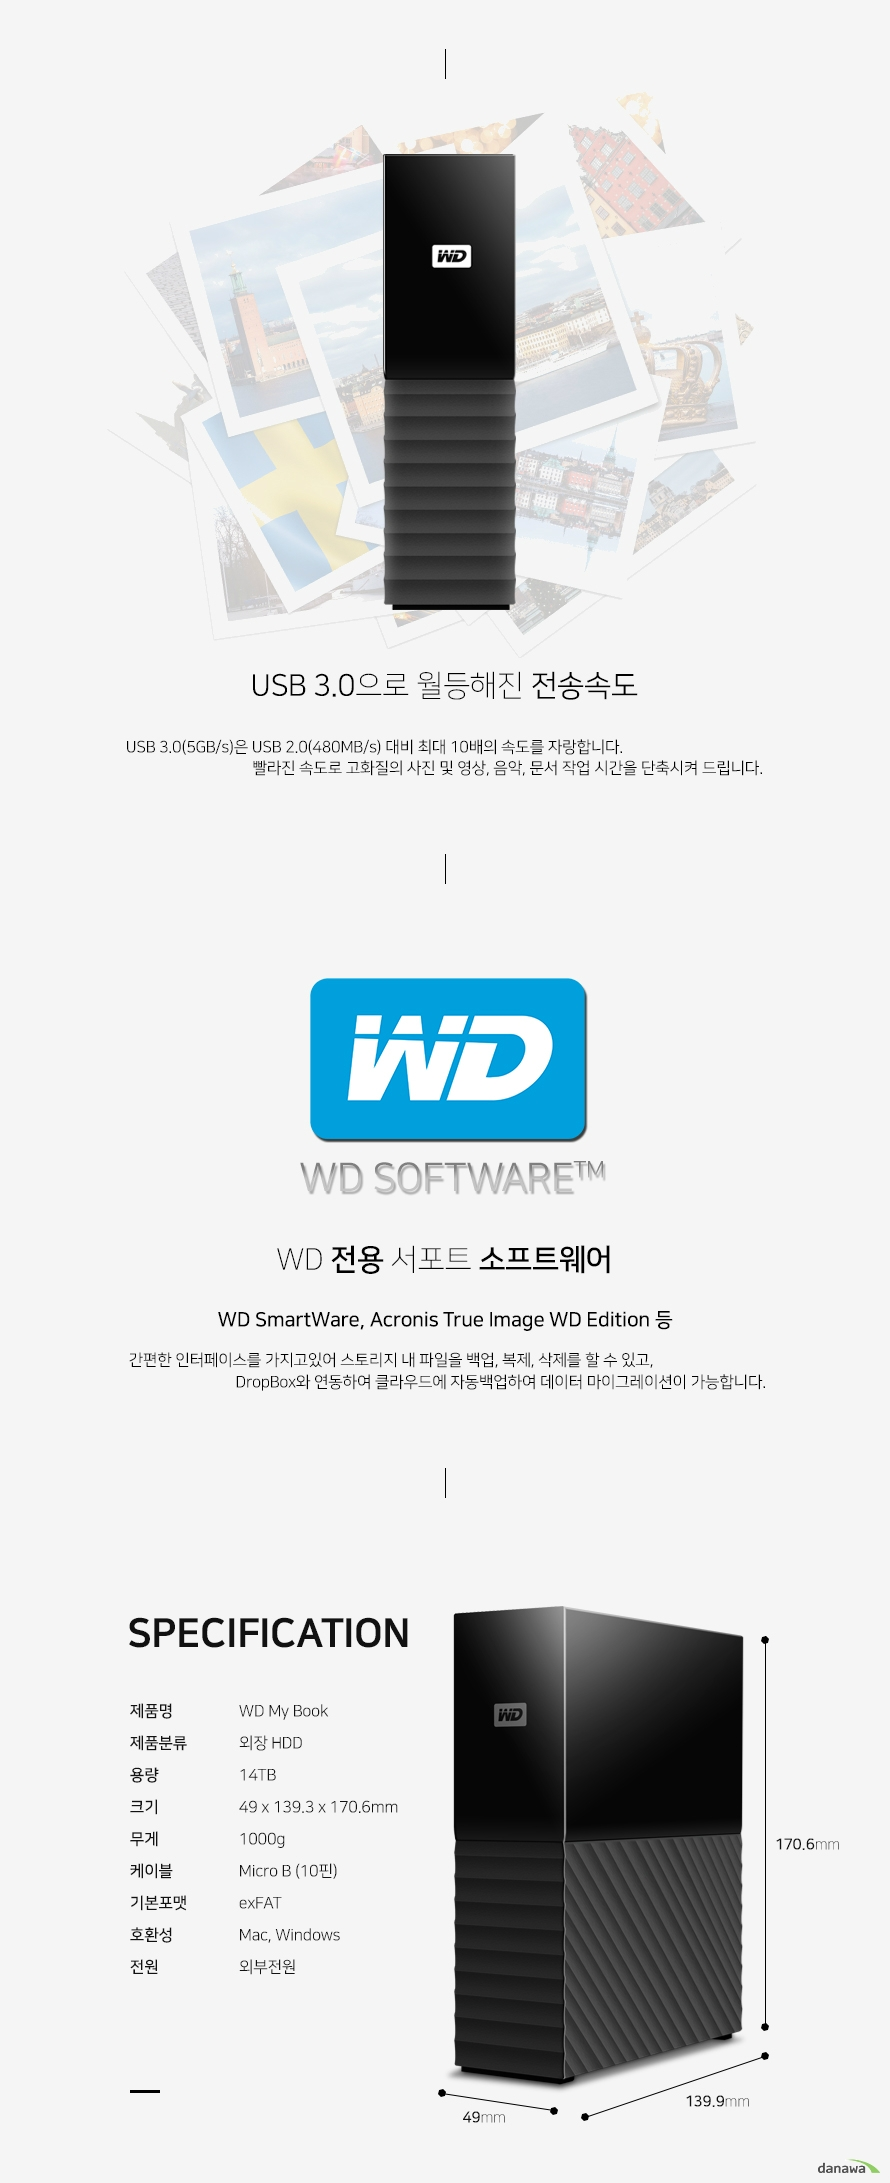 Western Digital WD My Book Gen2 BBGB (14TB)